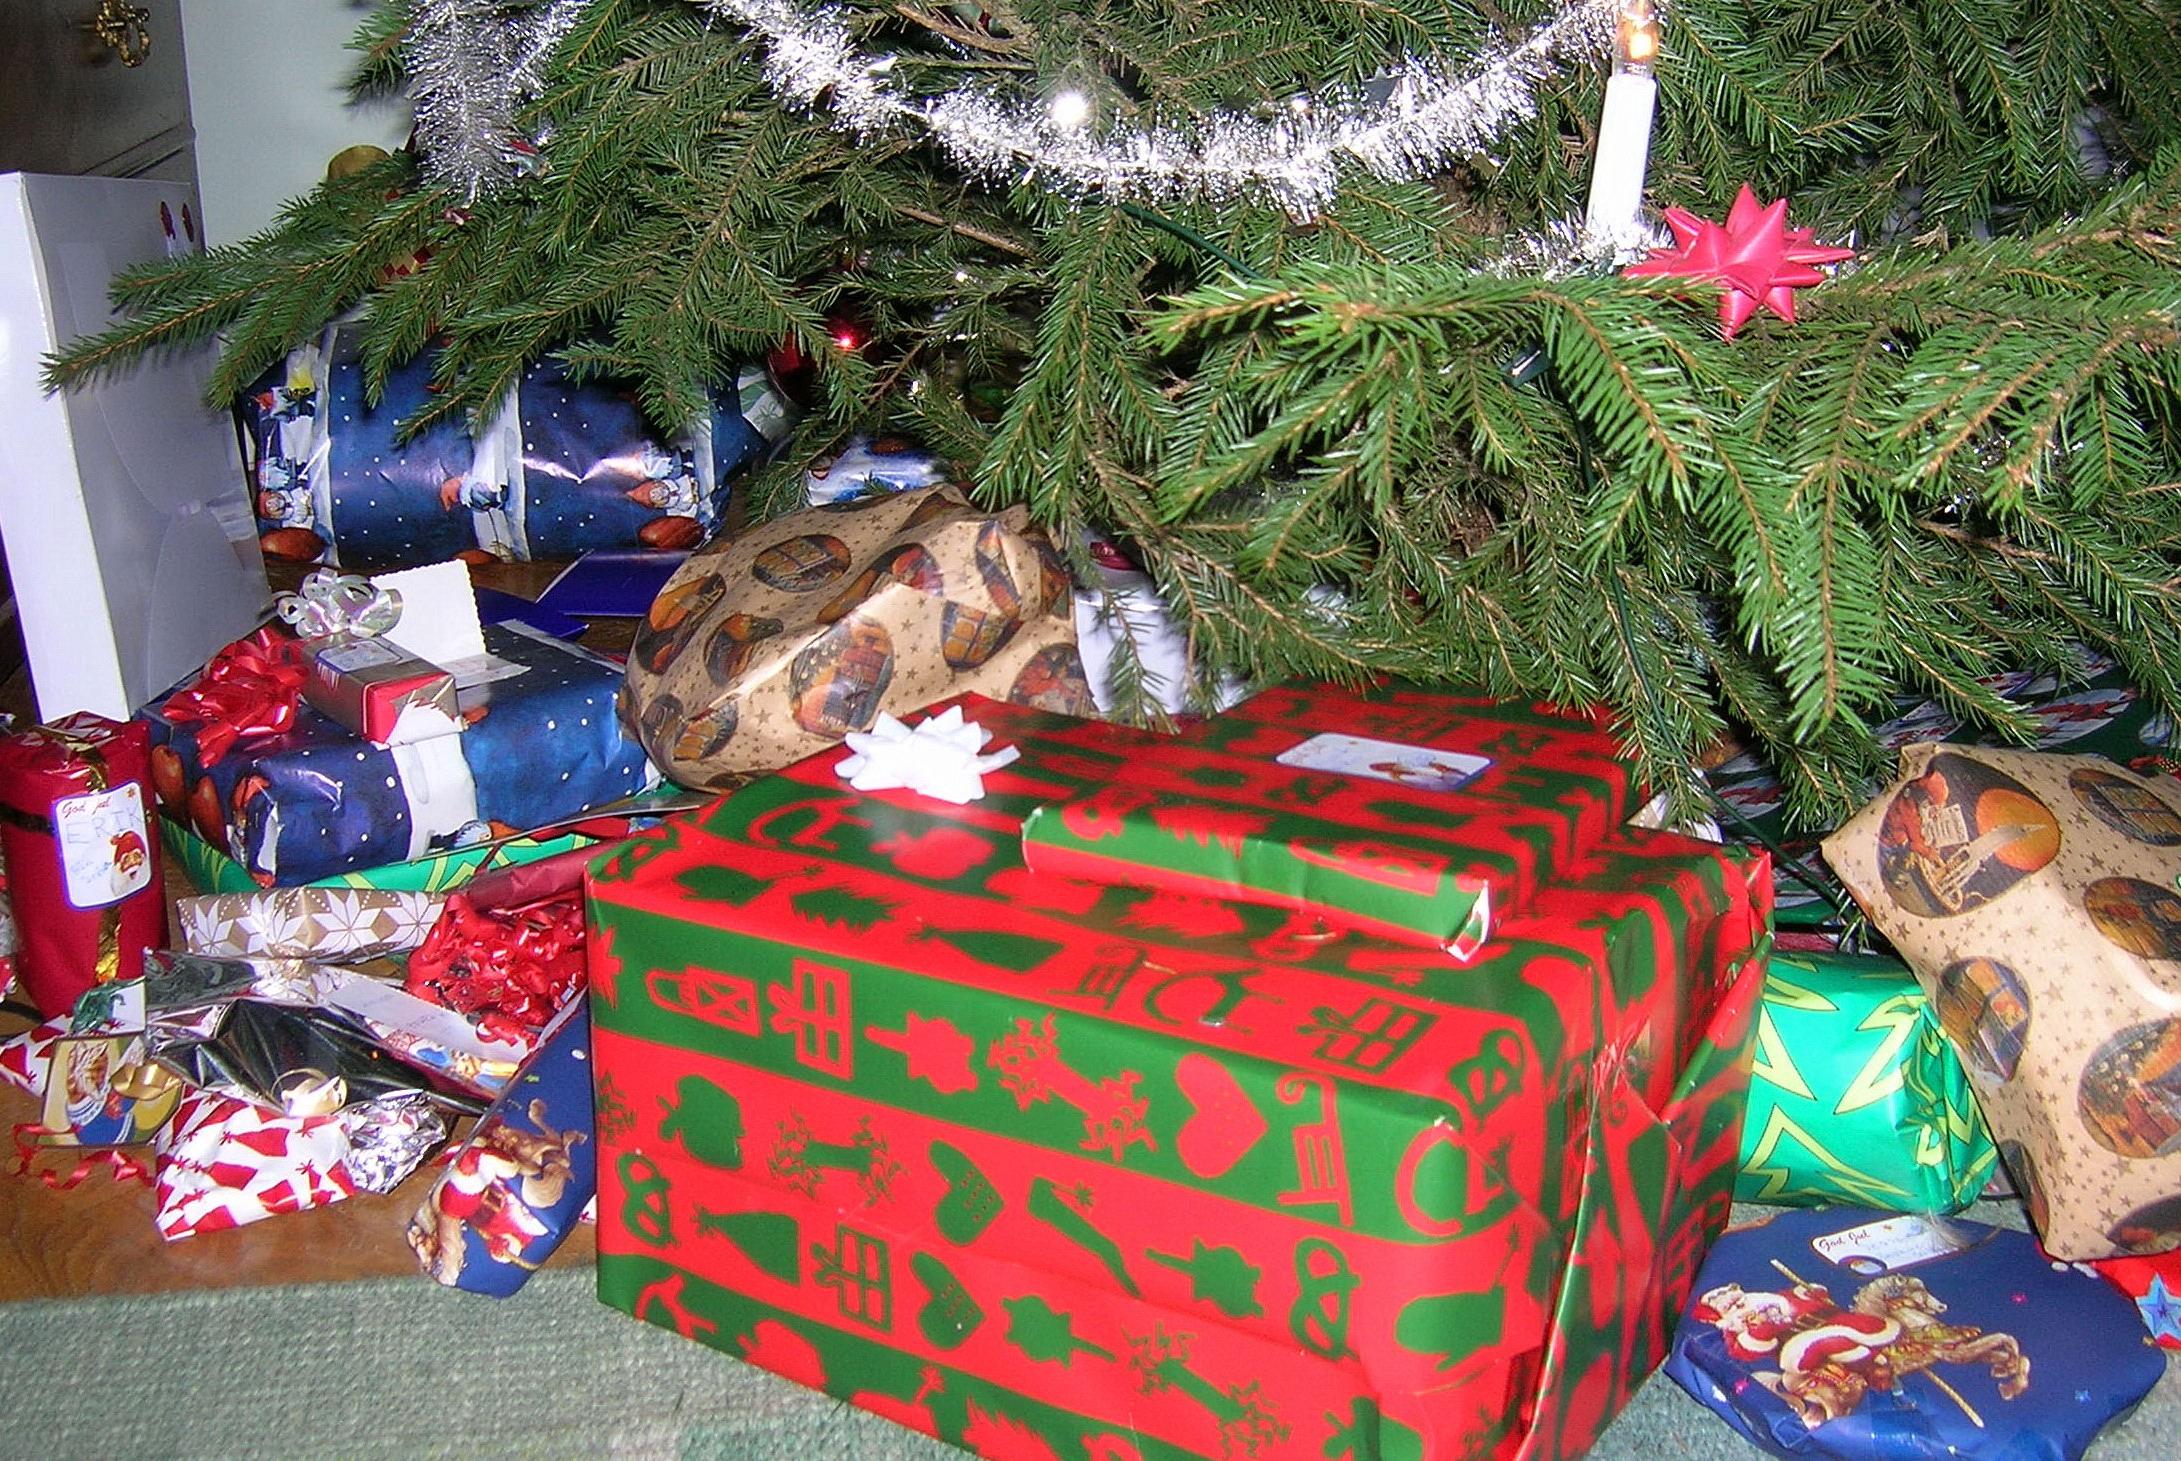 Podczas lekcji powiedziała dzieciom, że Mikołaj nie istnieje. Chwilę później straciła pracę